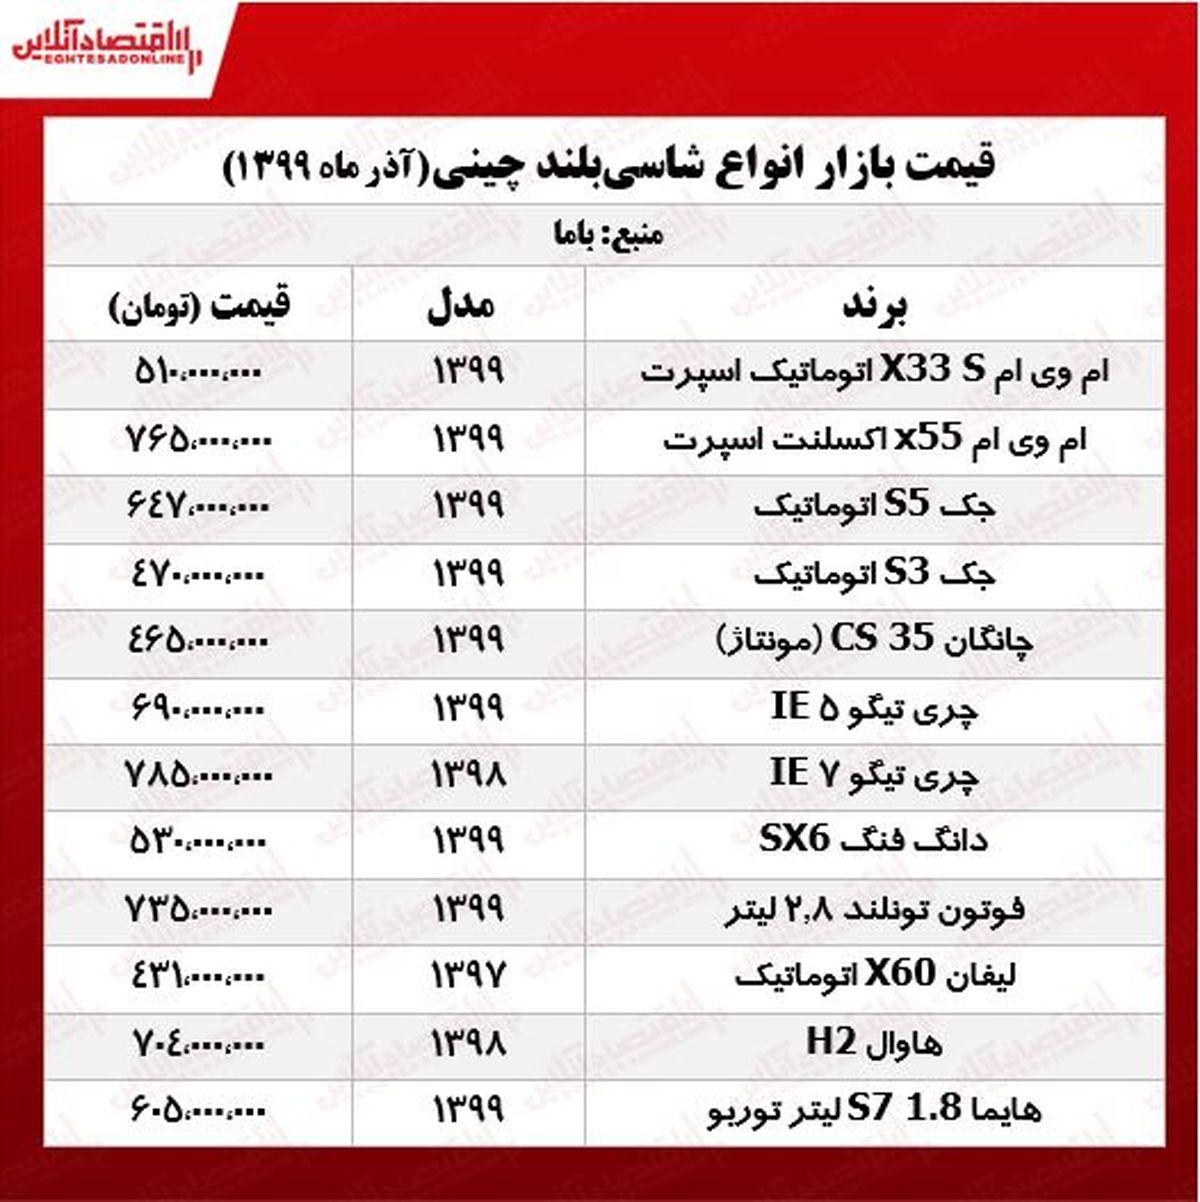 قیمت شاسیبلندهای چینی در روزی که گذشت +جدول